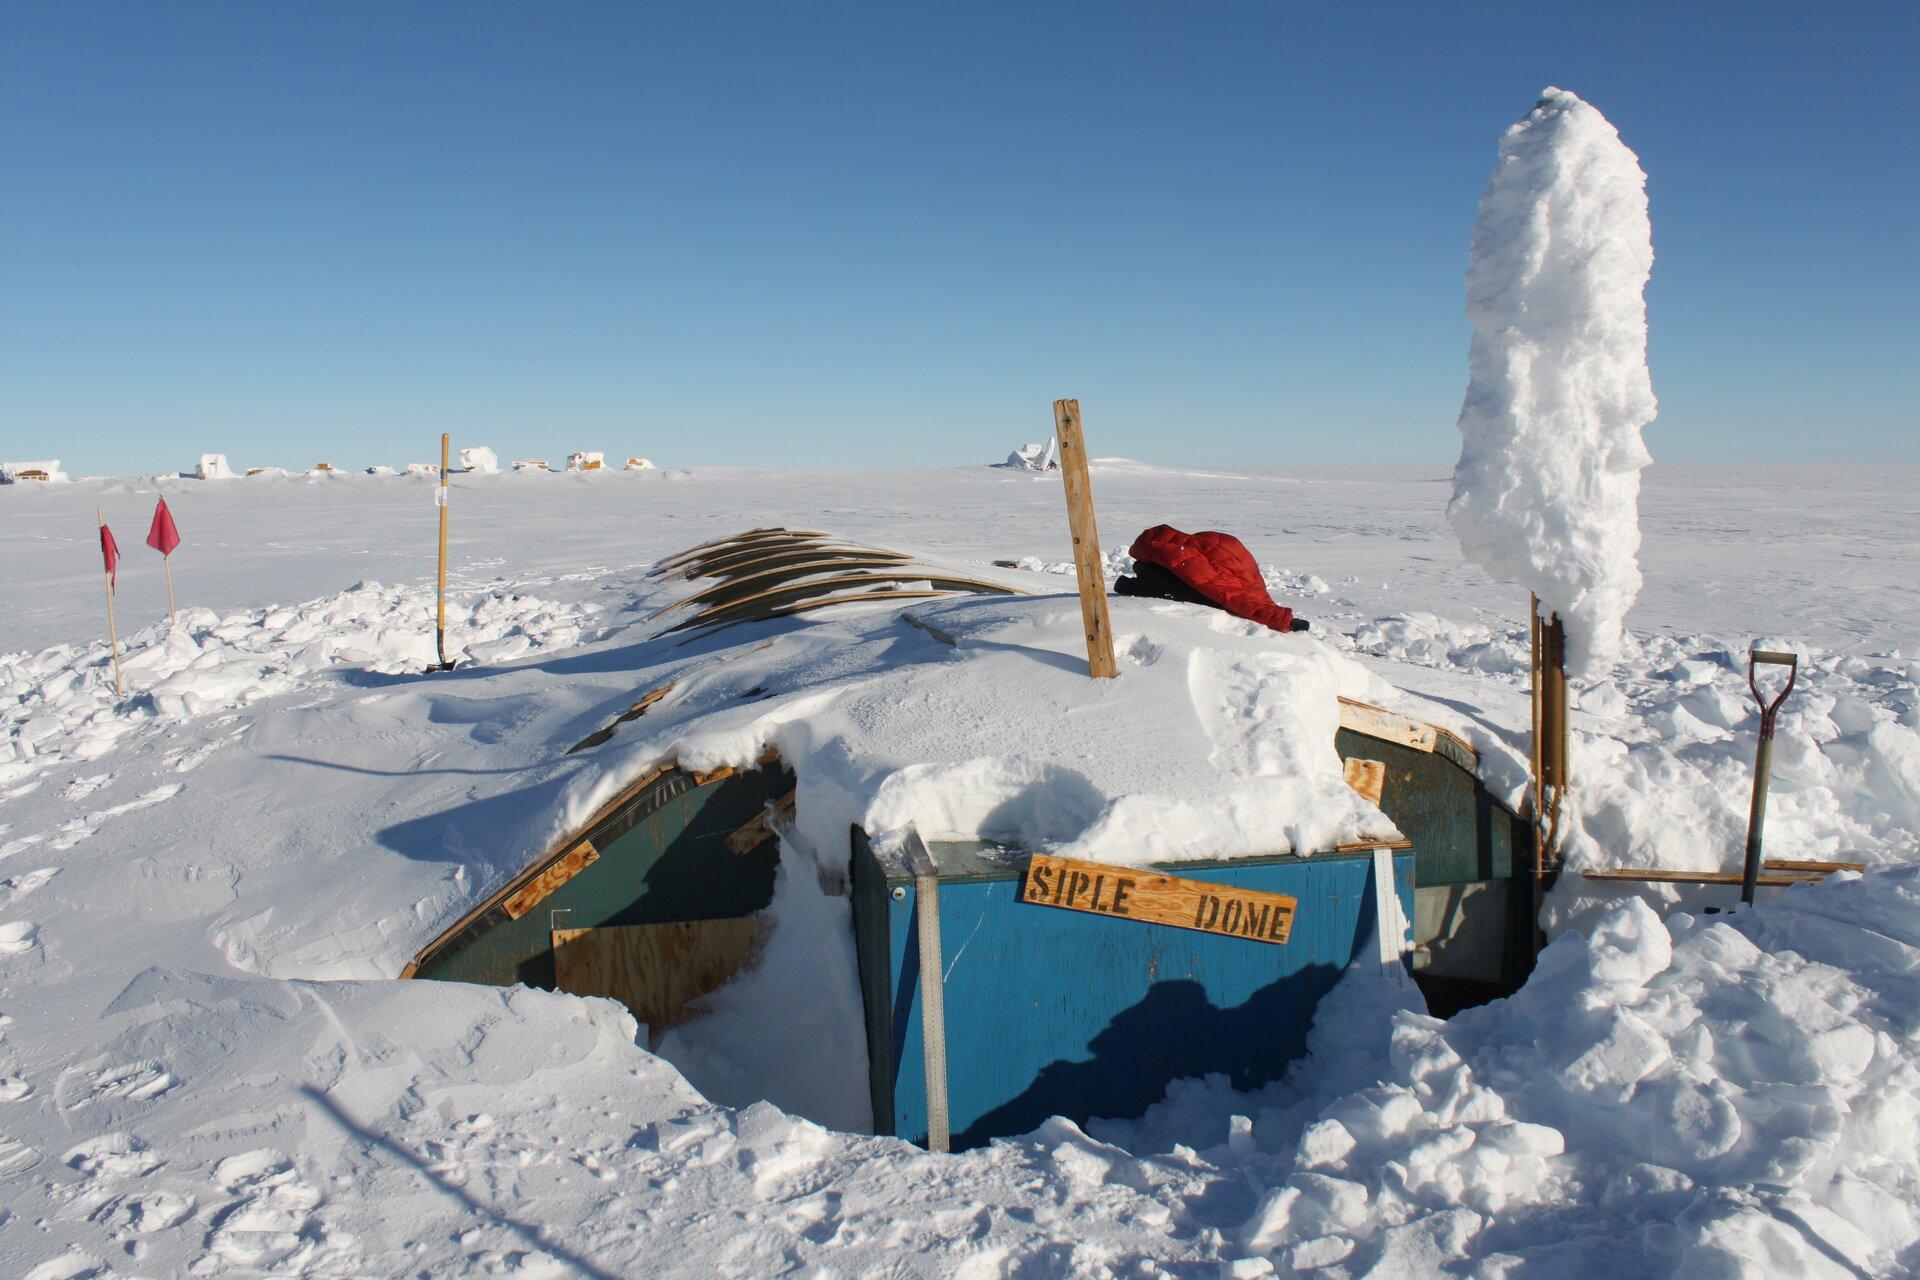 Na zdjęciu zabudowania niemal całkowicie przysypane śniegiem. Widoczny jedynie niewielki fragment namiotu wobozie antarktycznym. Na drugim planie teren całkowicie pokryty śniegiem. Dwie czerwone flagi wbite wśnieg, łopata wbita wśnieg.